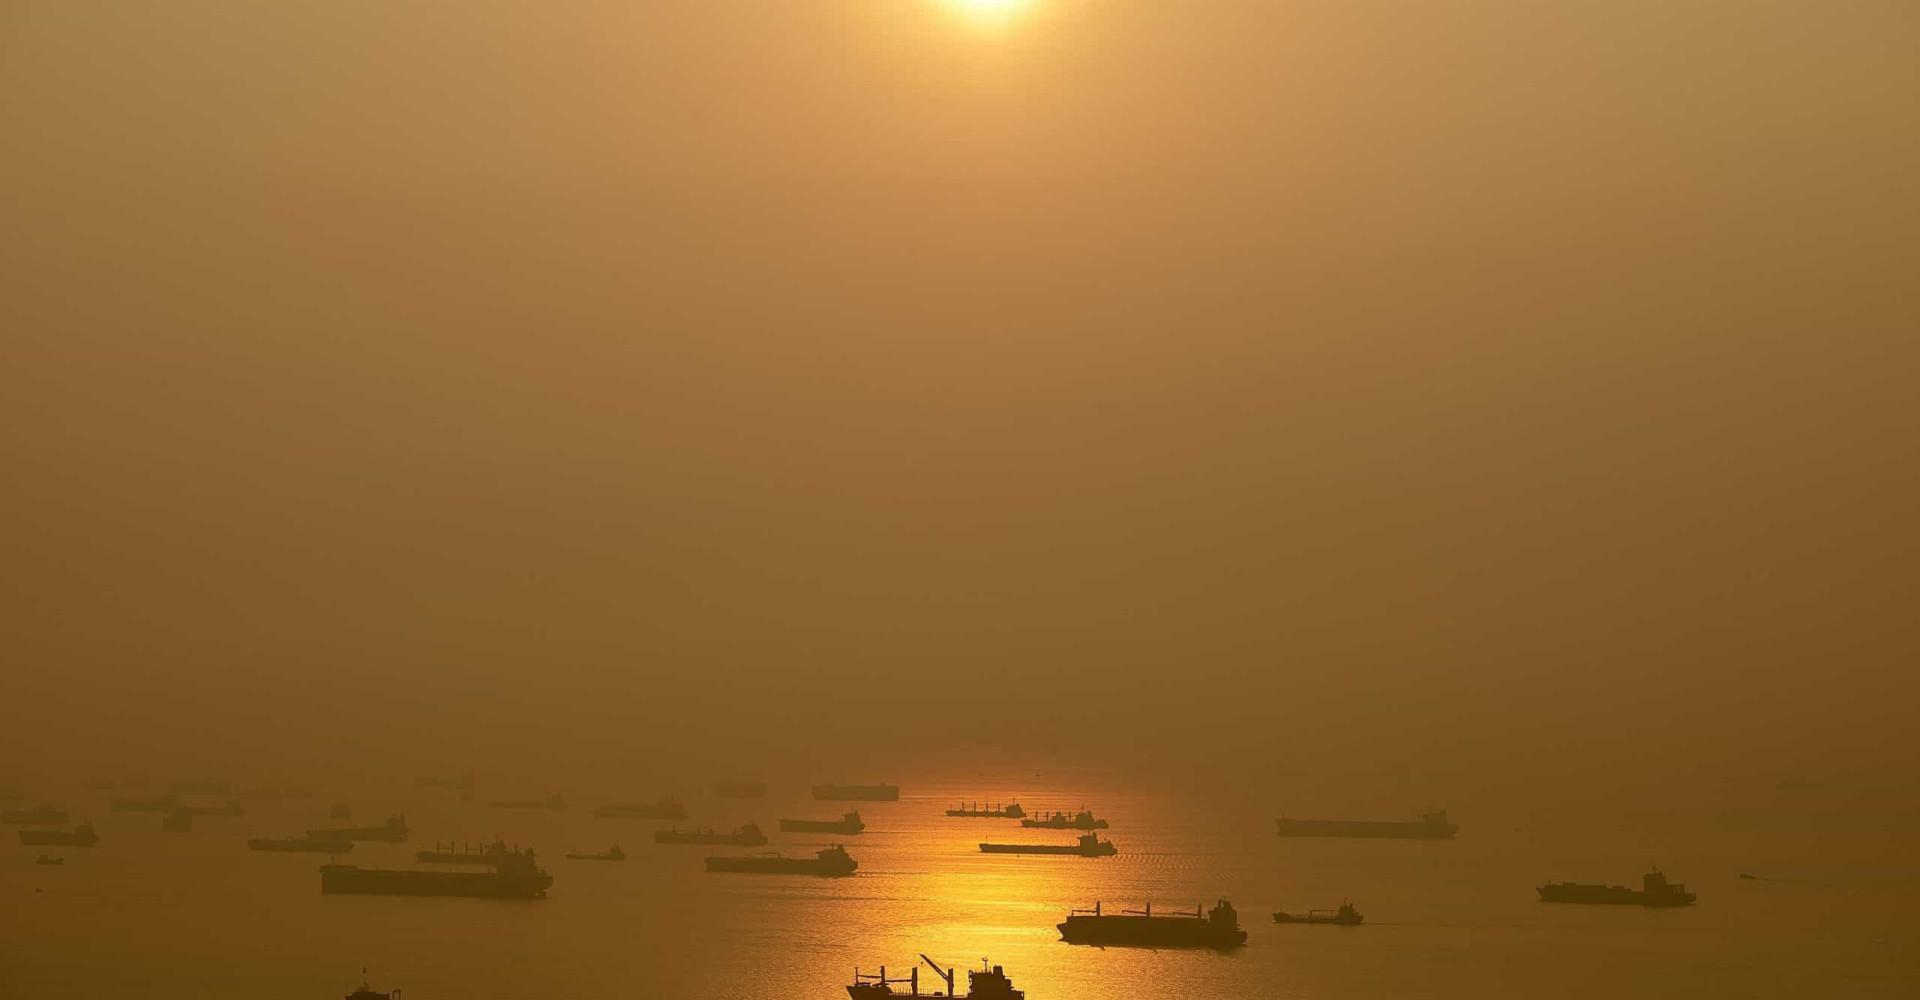 싱가포르 앞바다에 나타난 버려진 배들의 미스터리